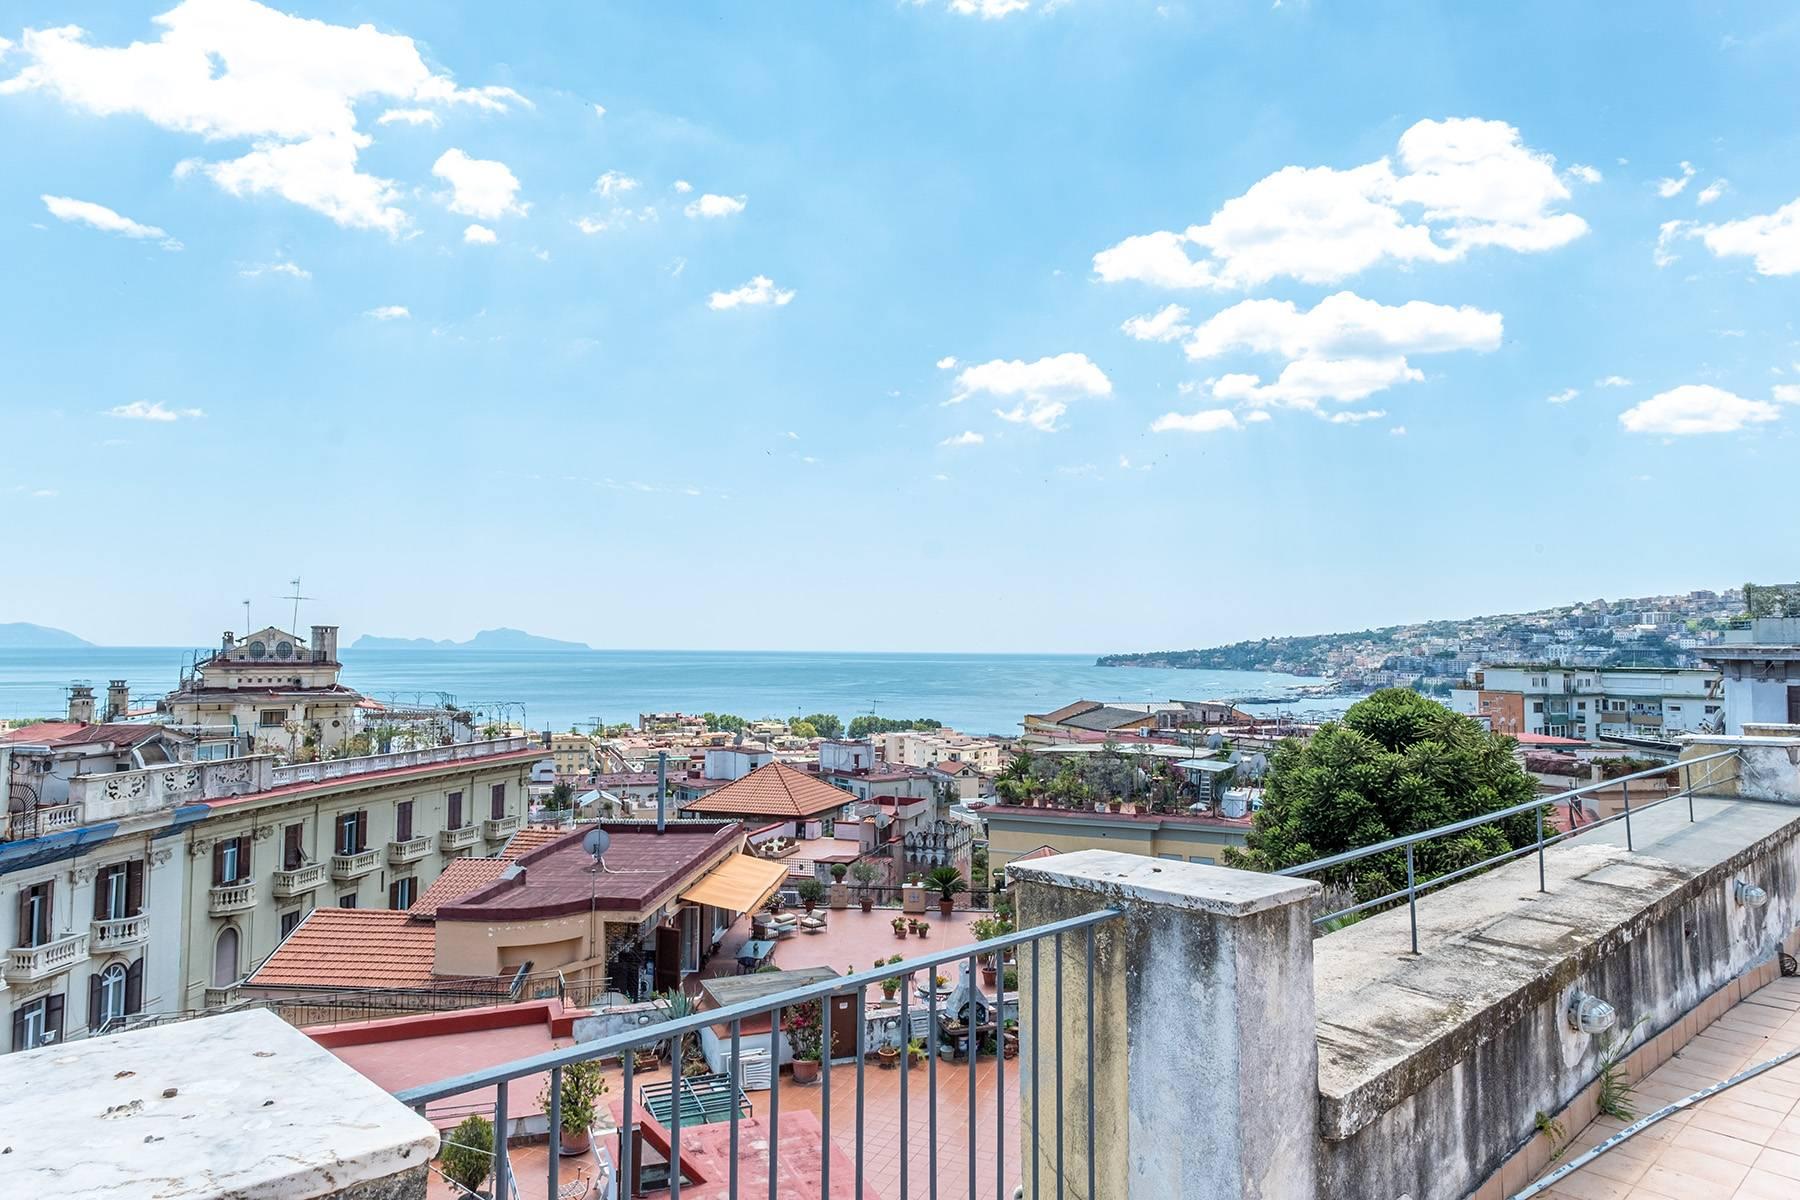 Attico in Vendita a Napoli: 5 locali, 160 mq - Foto 17